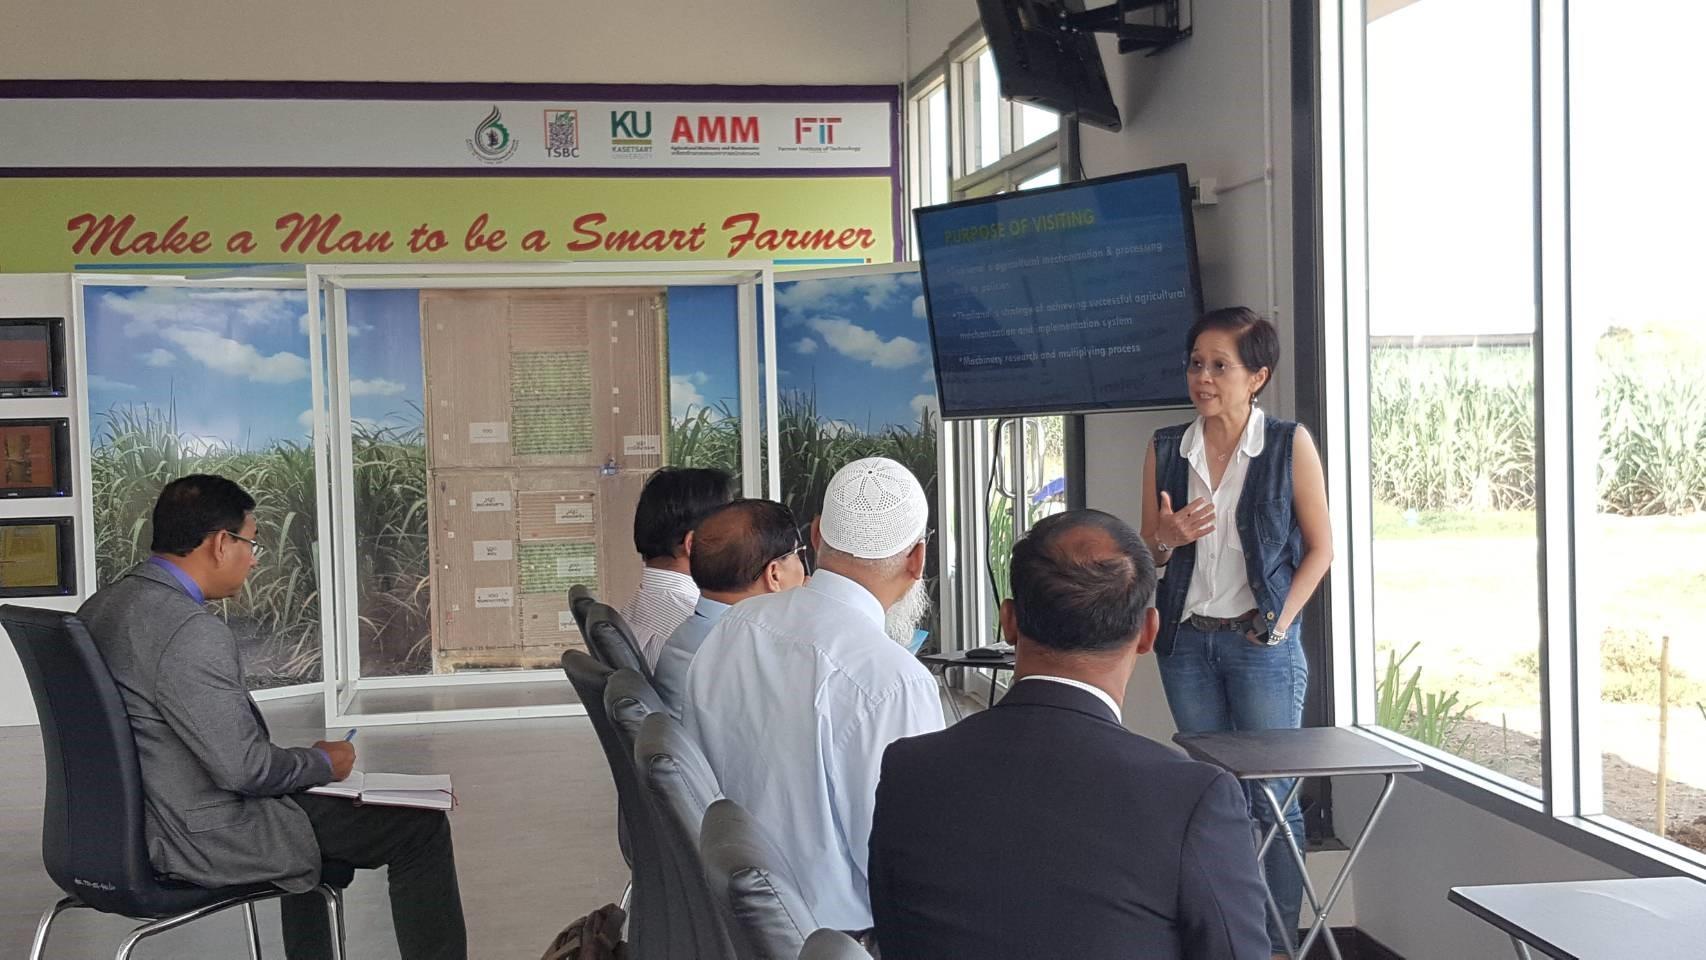 เมื่อวันที่ 5 พฤศจิกายน 2562 สำนักส่งเสริมและอบรม เจ้าหน้าที่จากกระทรวงเกษตร ประเทศบังคลาเทศจำวนวน 5 คน เข้าเยี่ยมชม และศึกษาดูงาน ณ ศูยน์การปรับปรุงพันธุ์อ้อยแห่งประเทศไทย (Thailand Sugarcane Breeding Center)